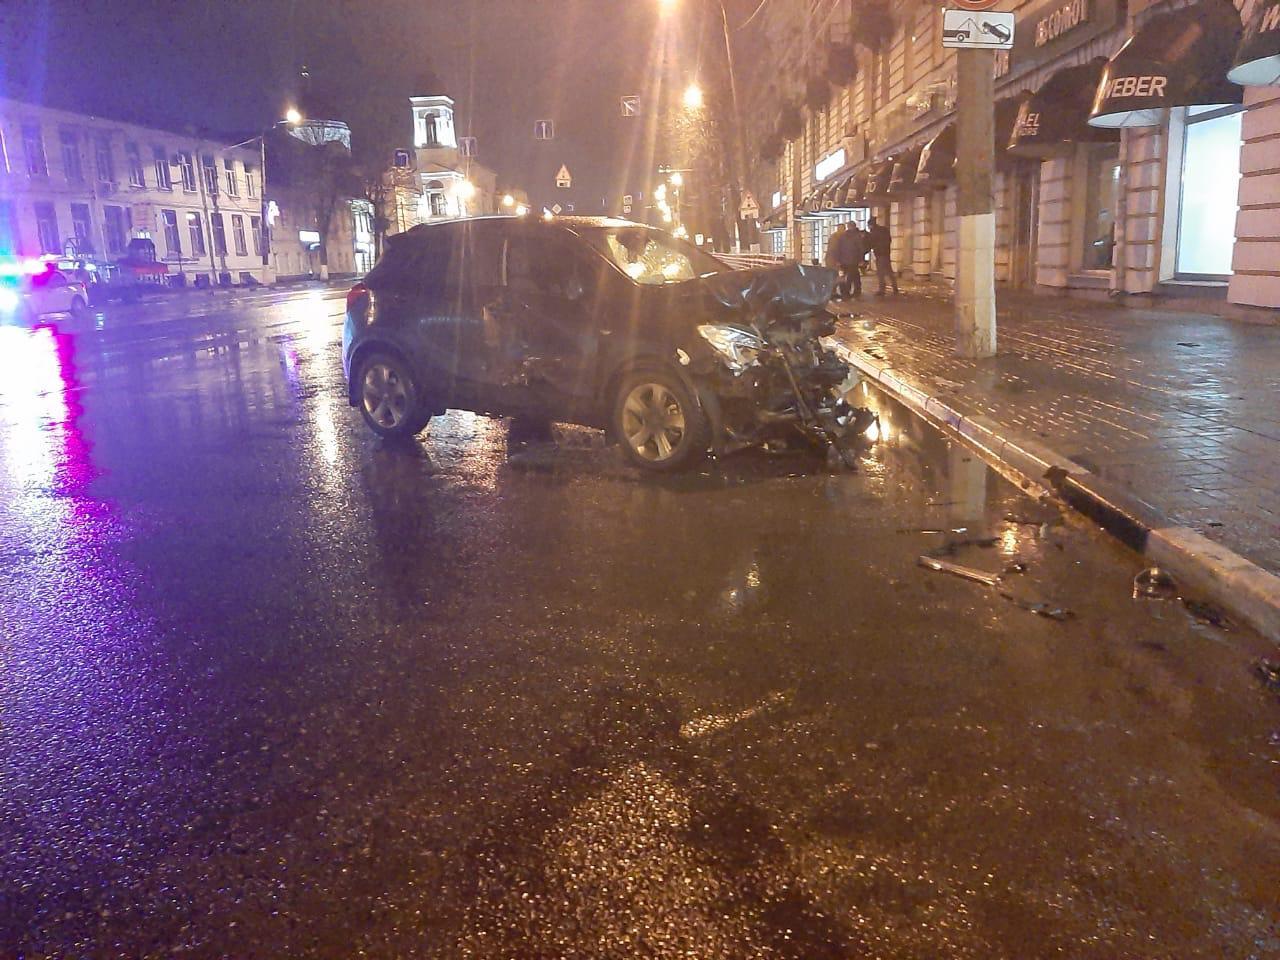 Три человека получили травмы в ДТП в центре Твери - новости Афанасий